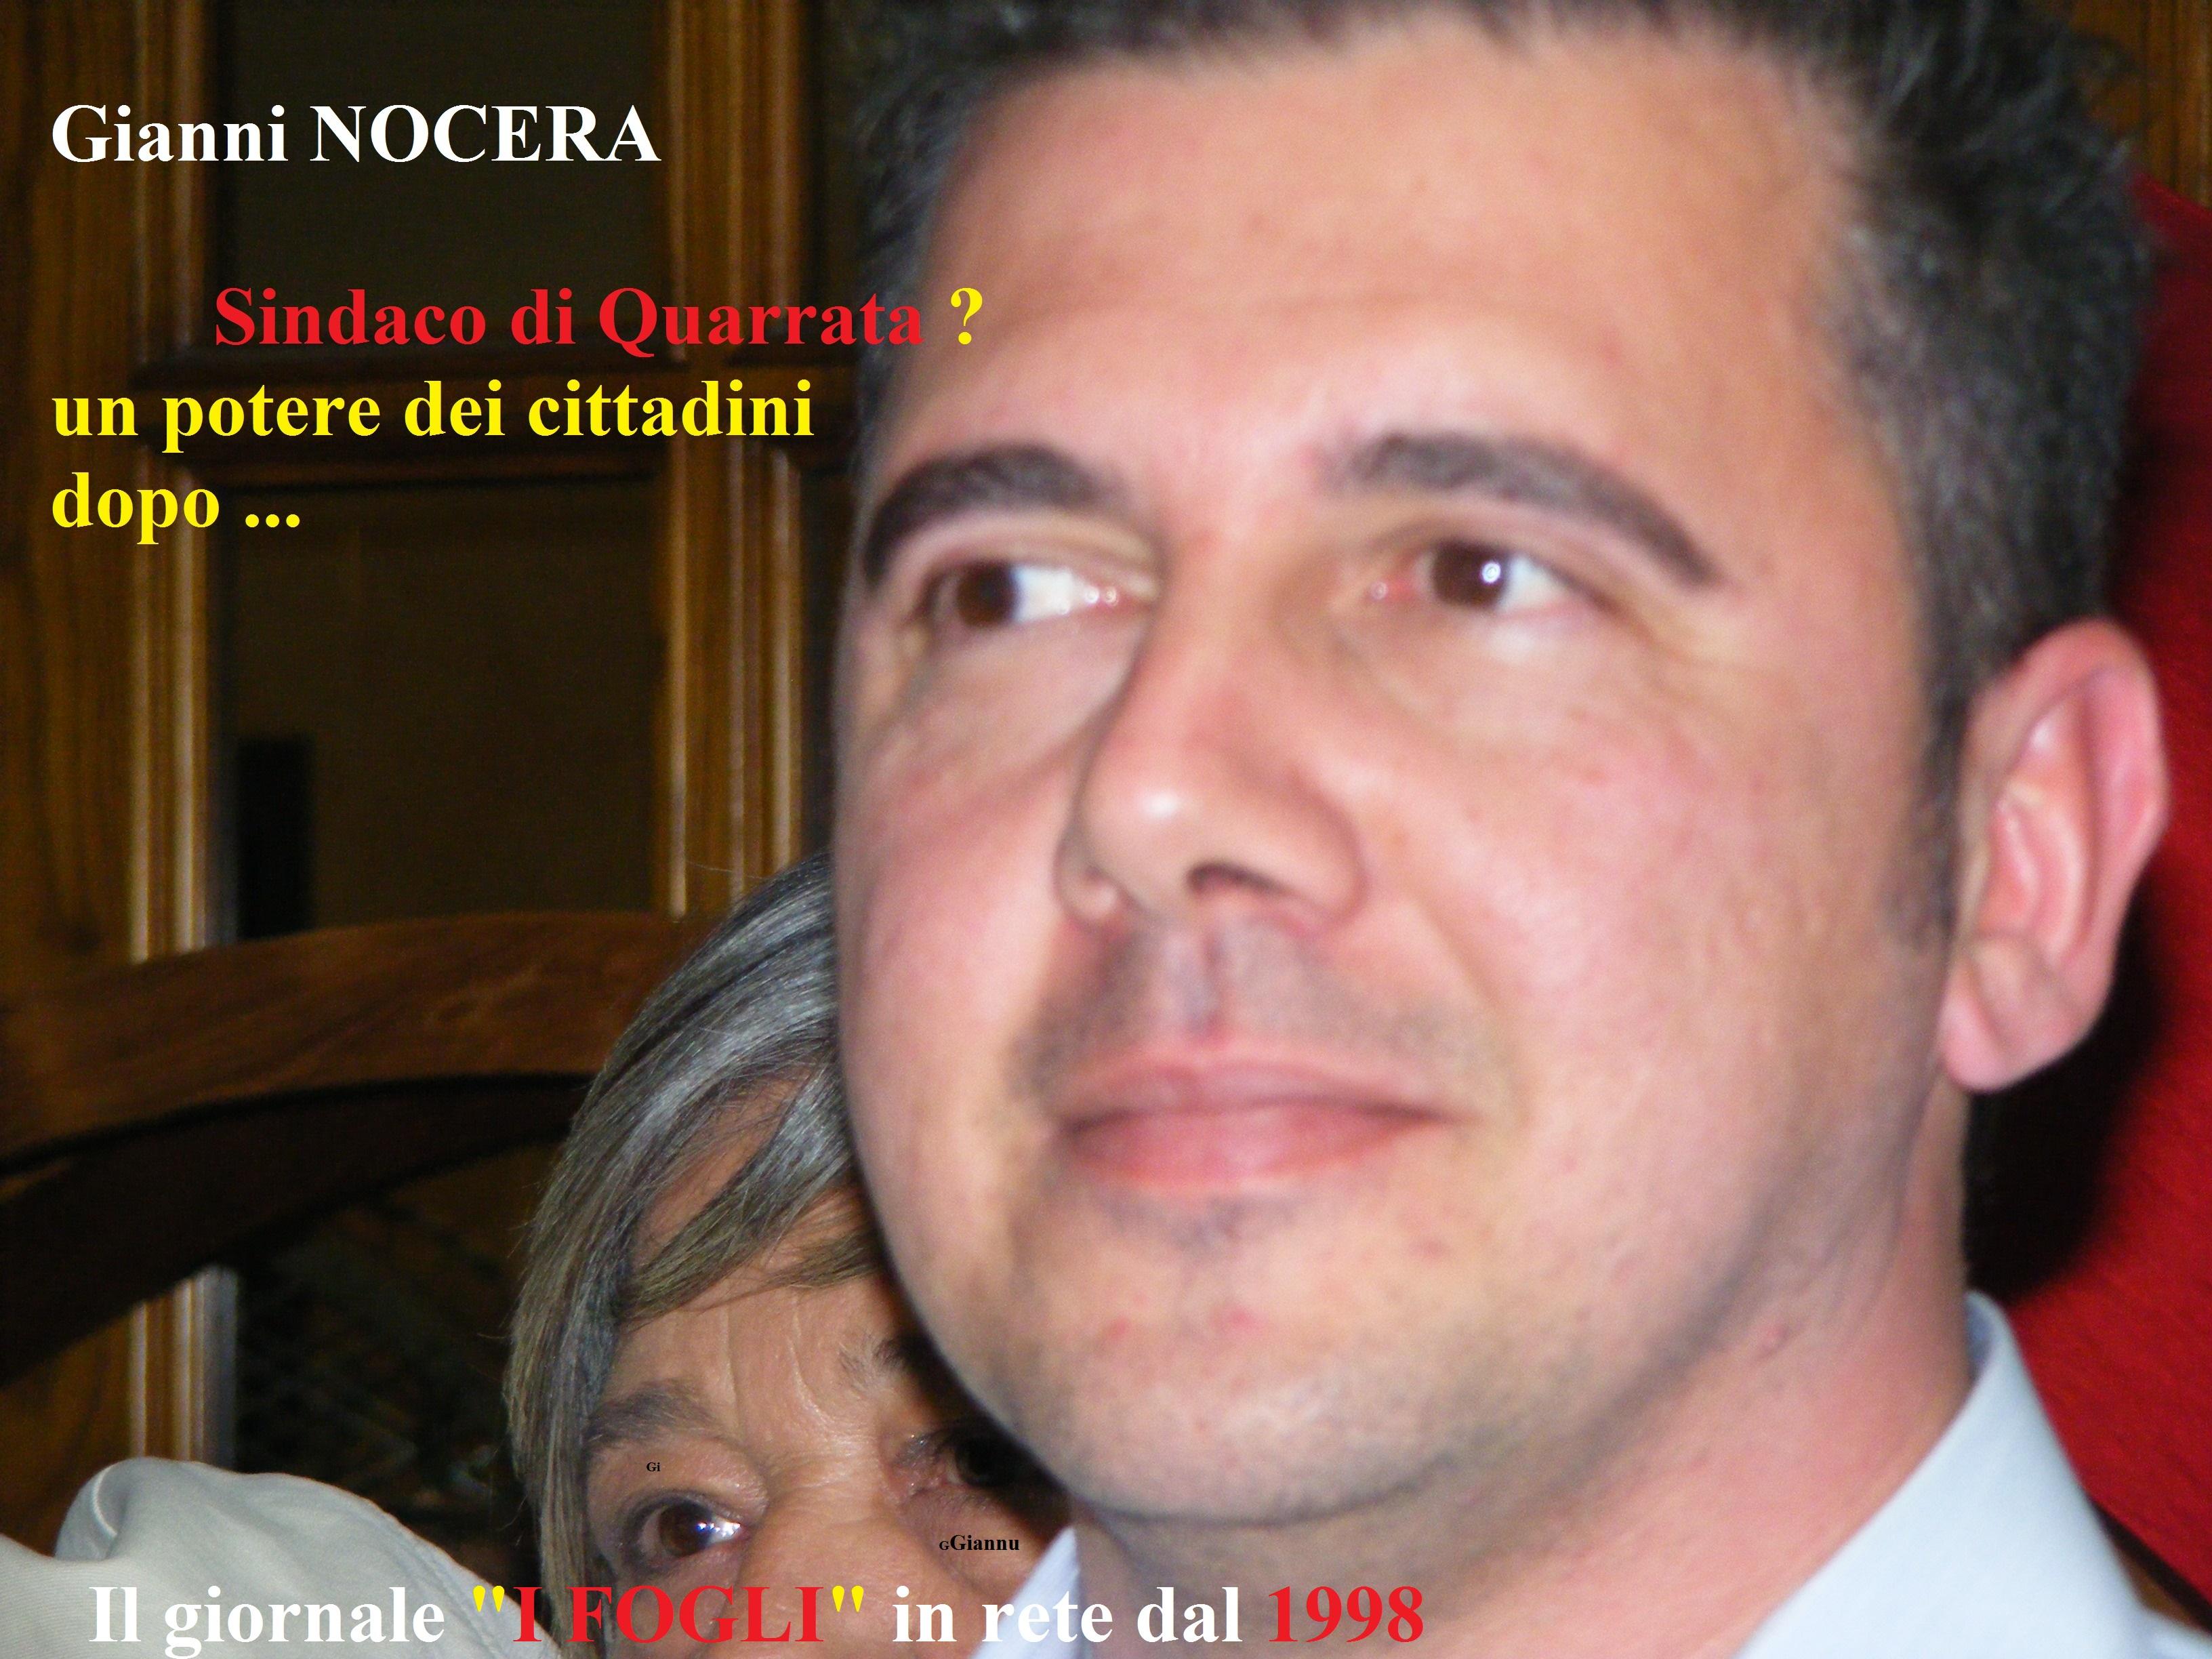 sindaco-gianni-nocera